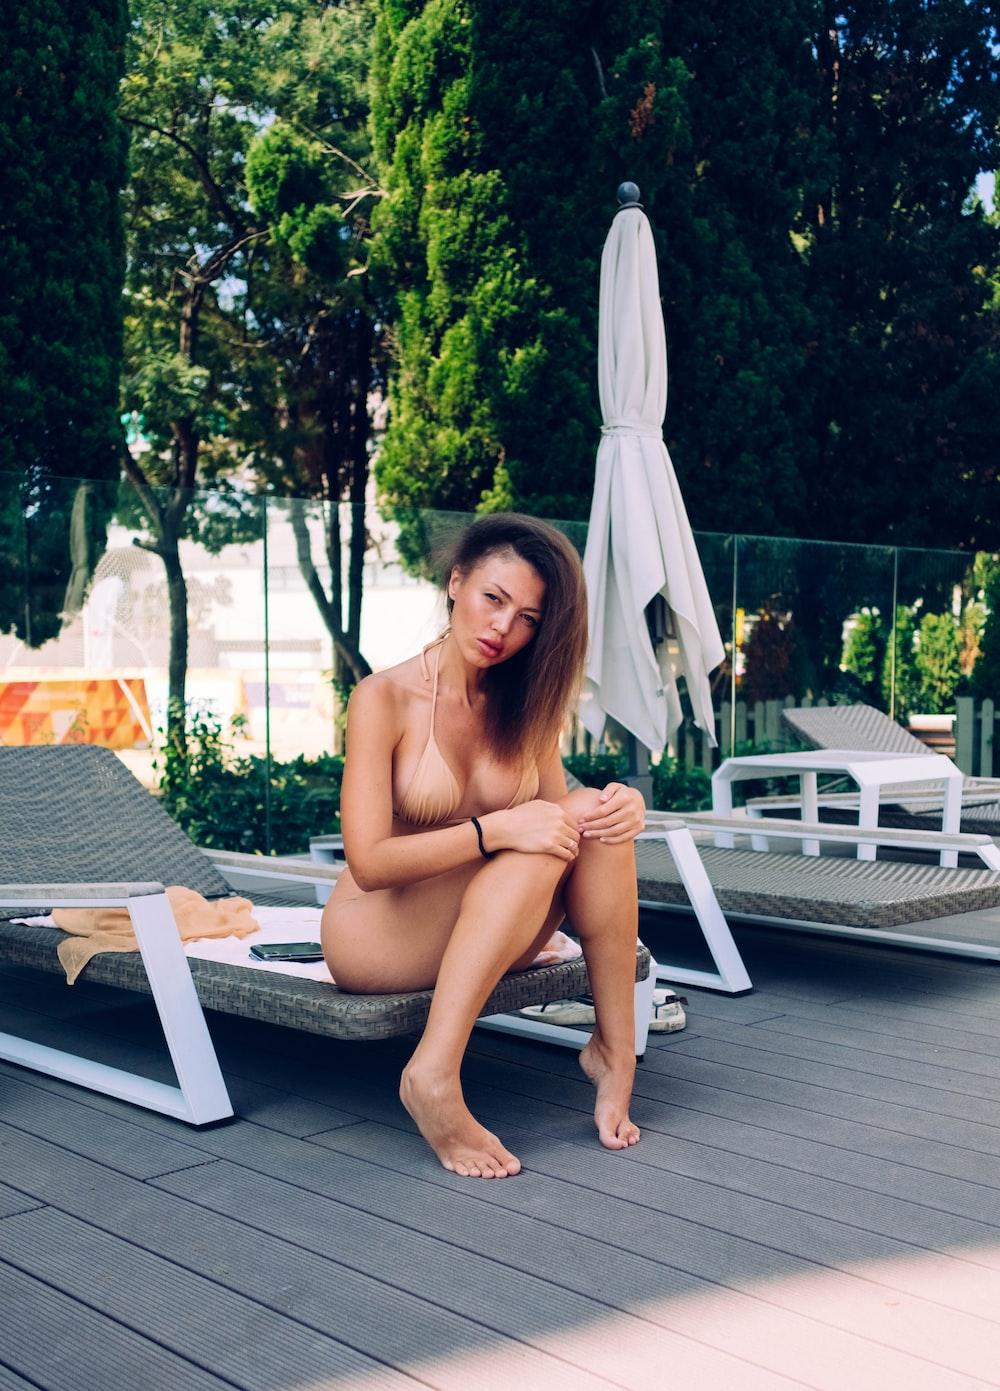 woman sitting on lounge during daytime